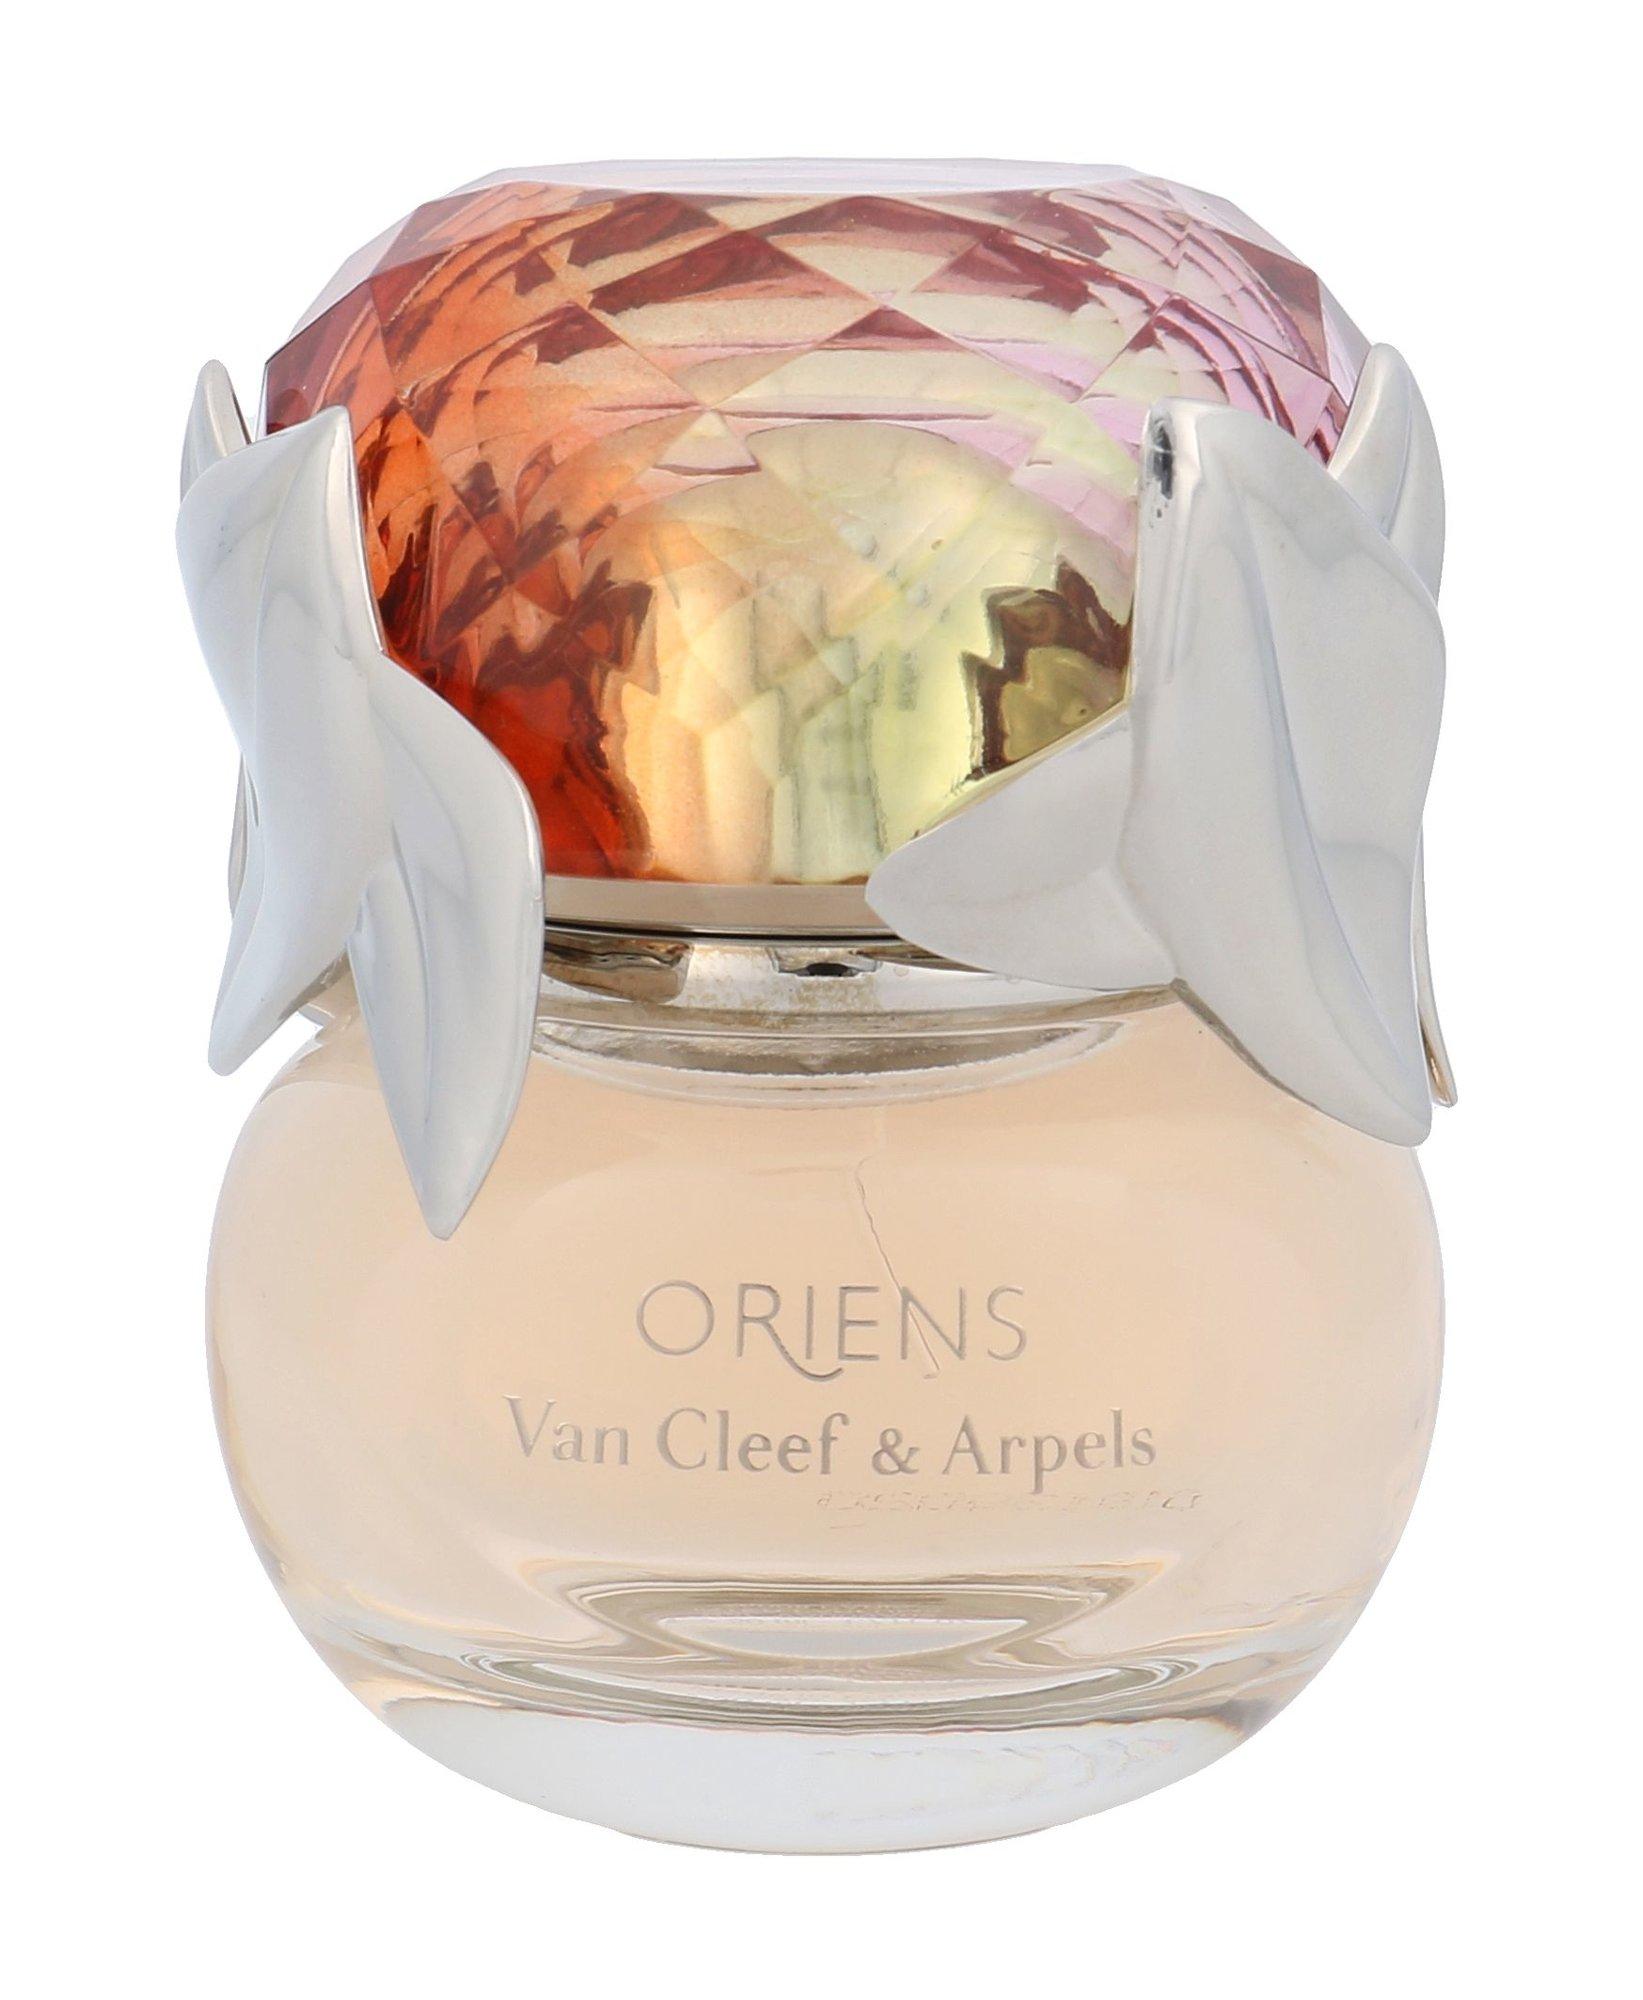 Van Cleef & Arpels Oriens EDP 50ml